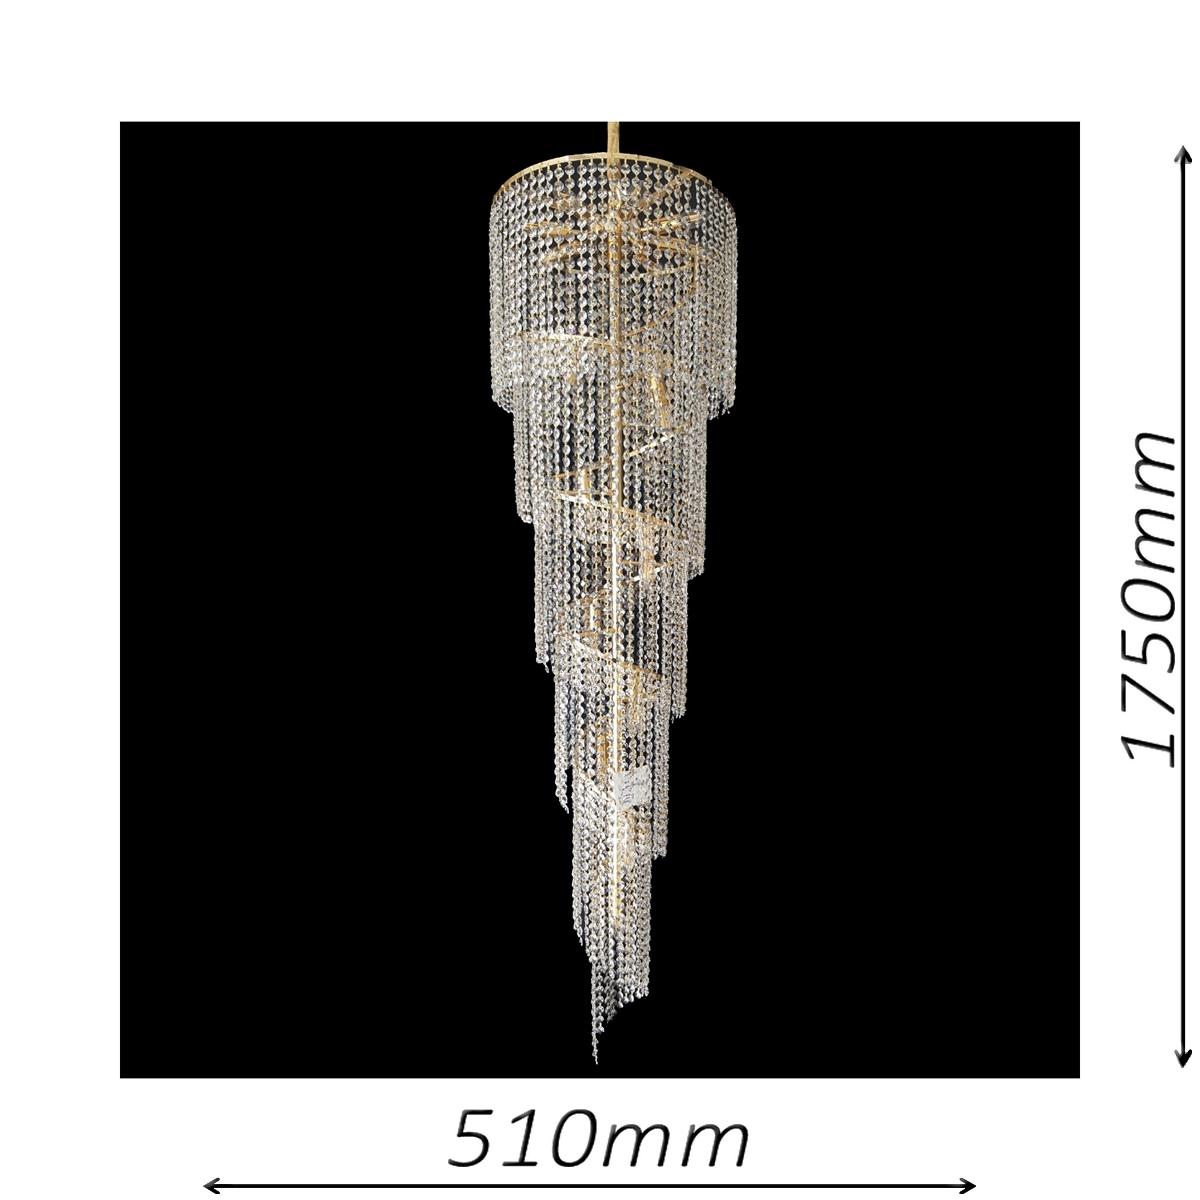 Spiral 510 Gold Chandelier - CRPSPI17510GD